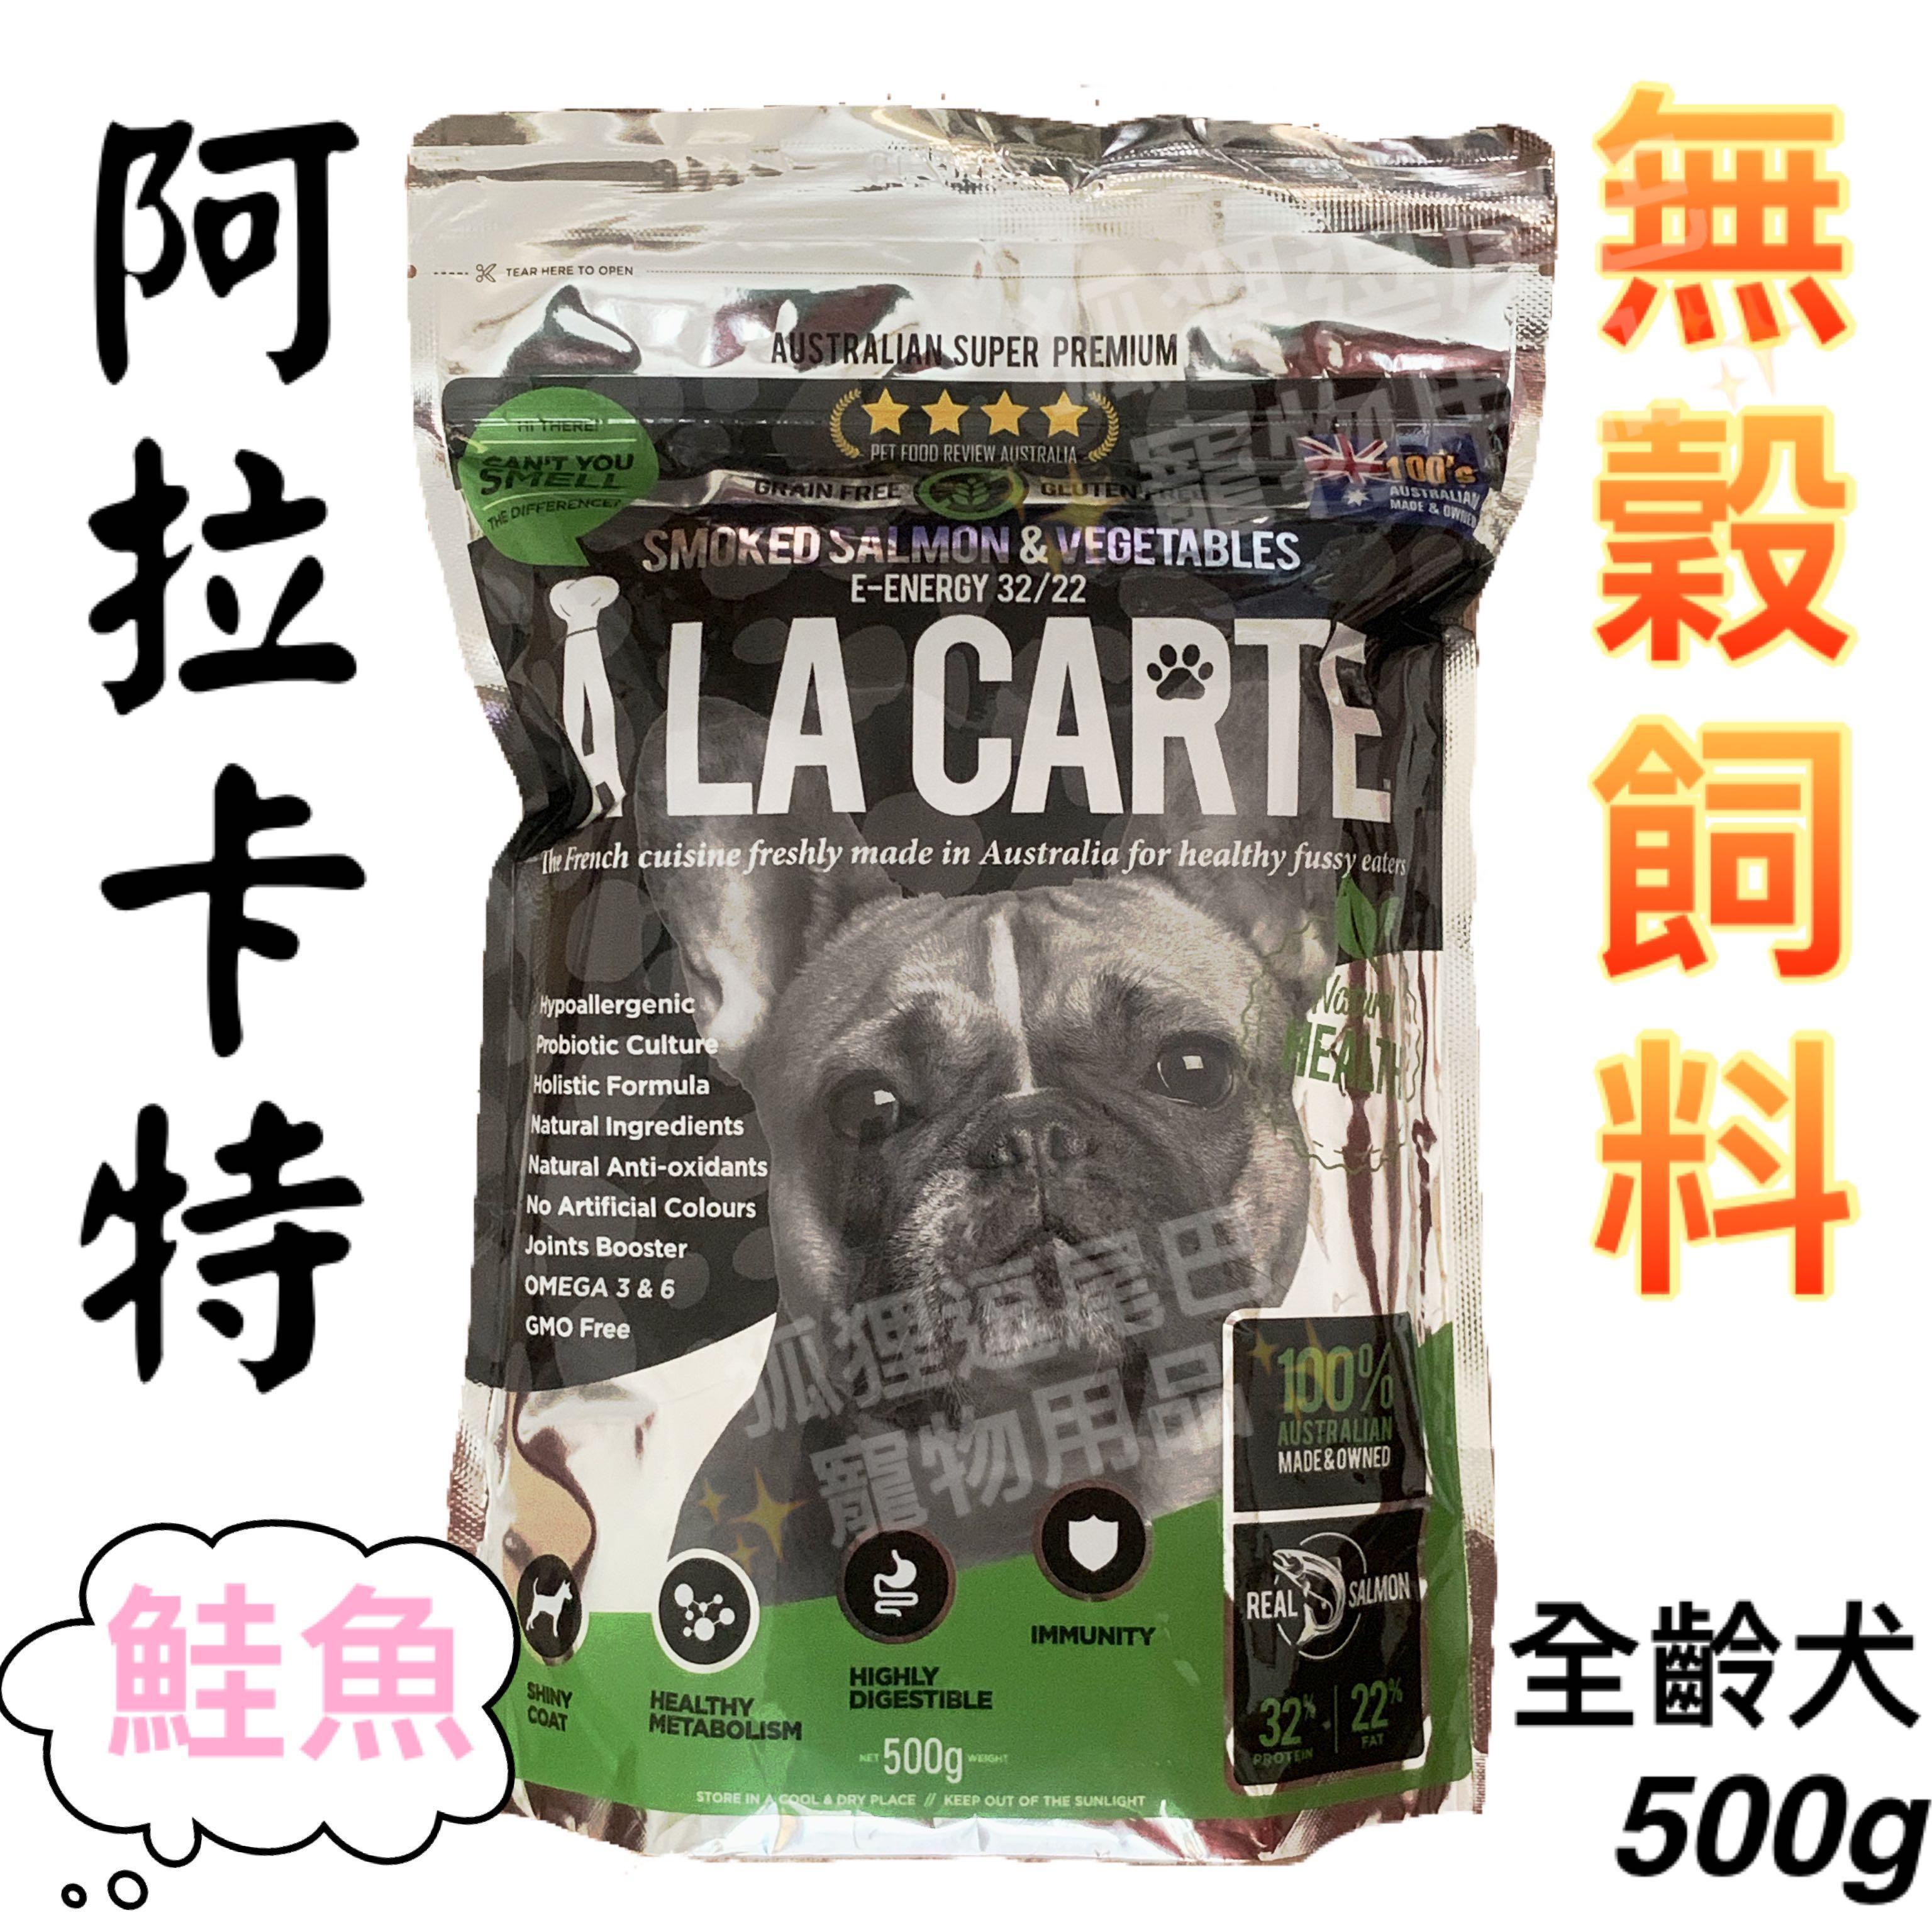 阿拉卡特 狗飼料500g試吃包 天然糧 無穀/無麩質 配方(煙燻鮭魚+蔬菜) 有夾鏈 全齡犬適用